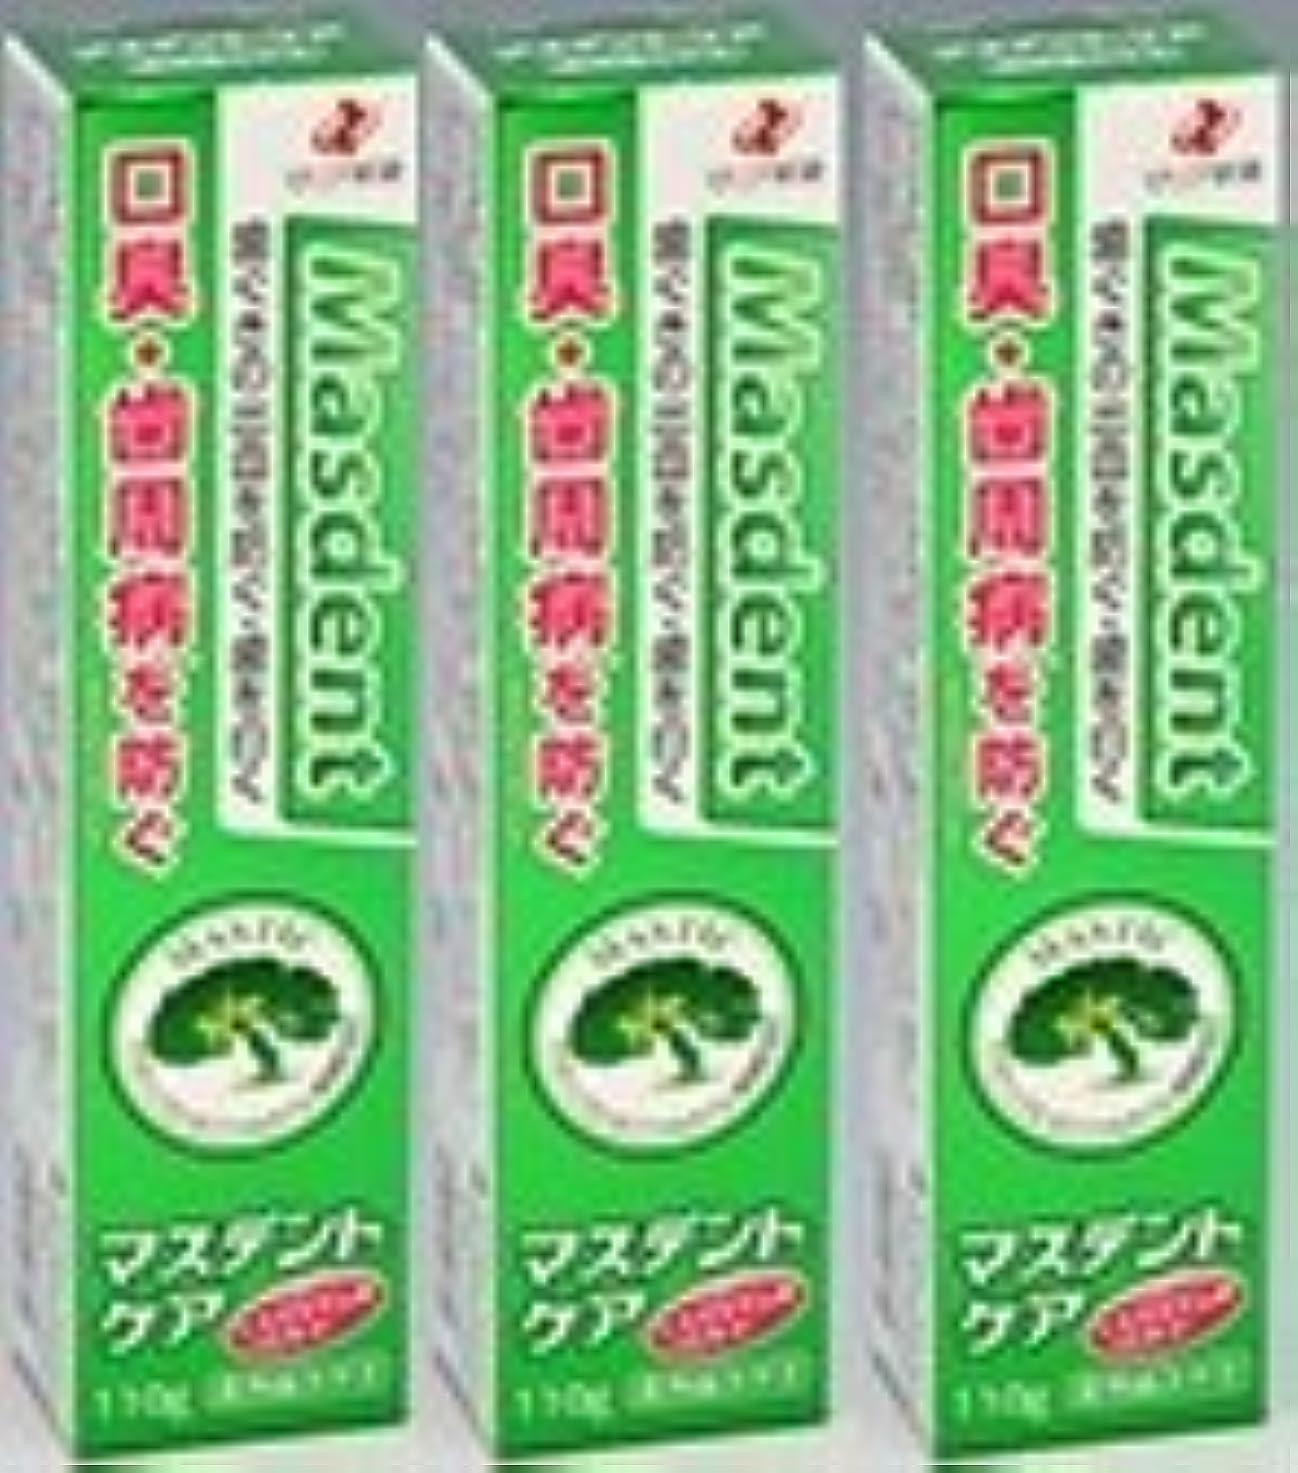 肝麻痺掘る薬用歯磨き マスデントケア110g×3本セット